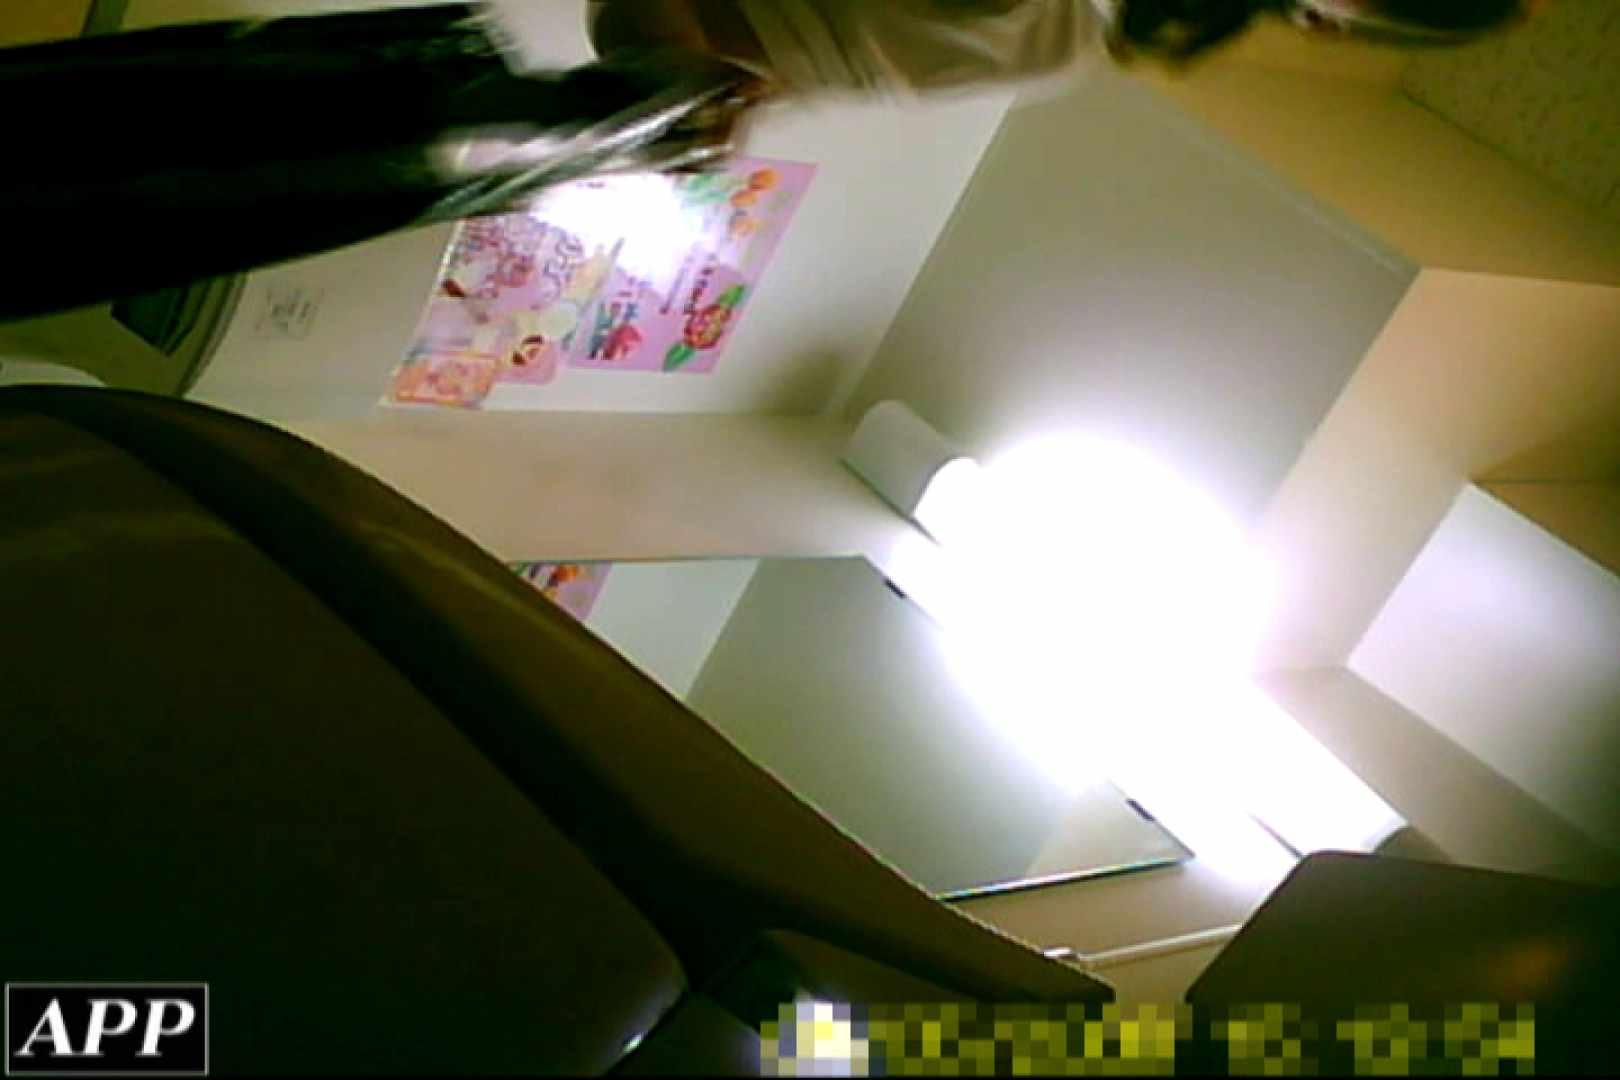 3視点洗面所 vol.115 無修正マンコ AV無料動画キャプチャ 42連発 21